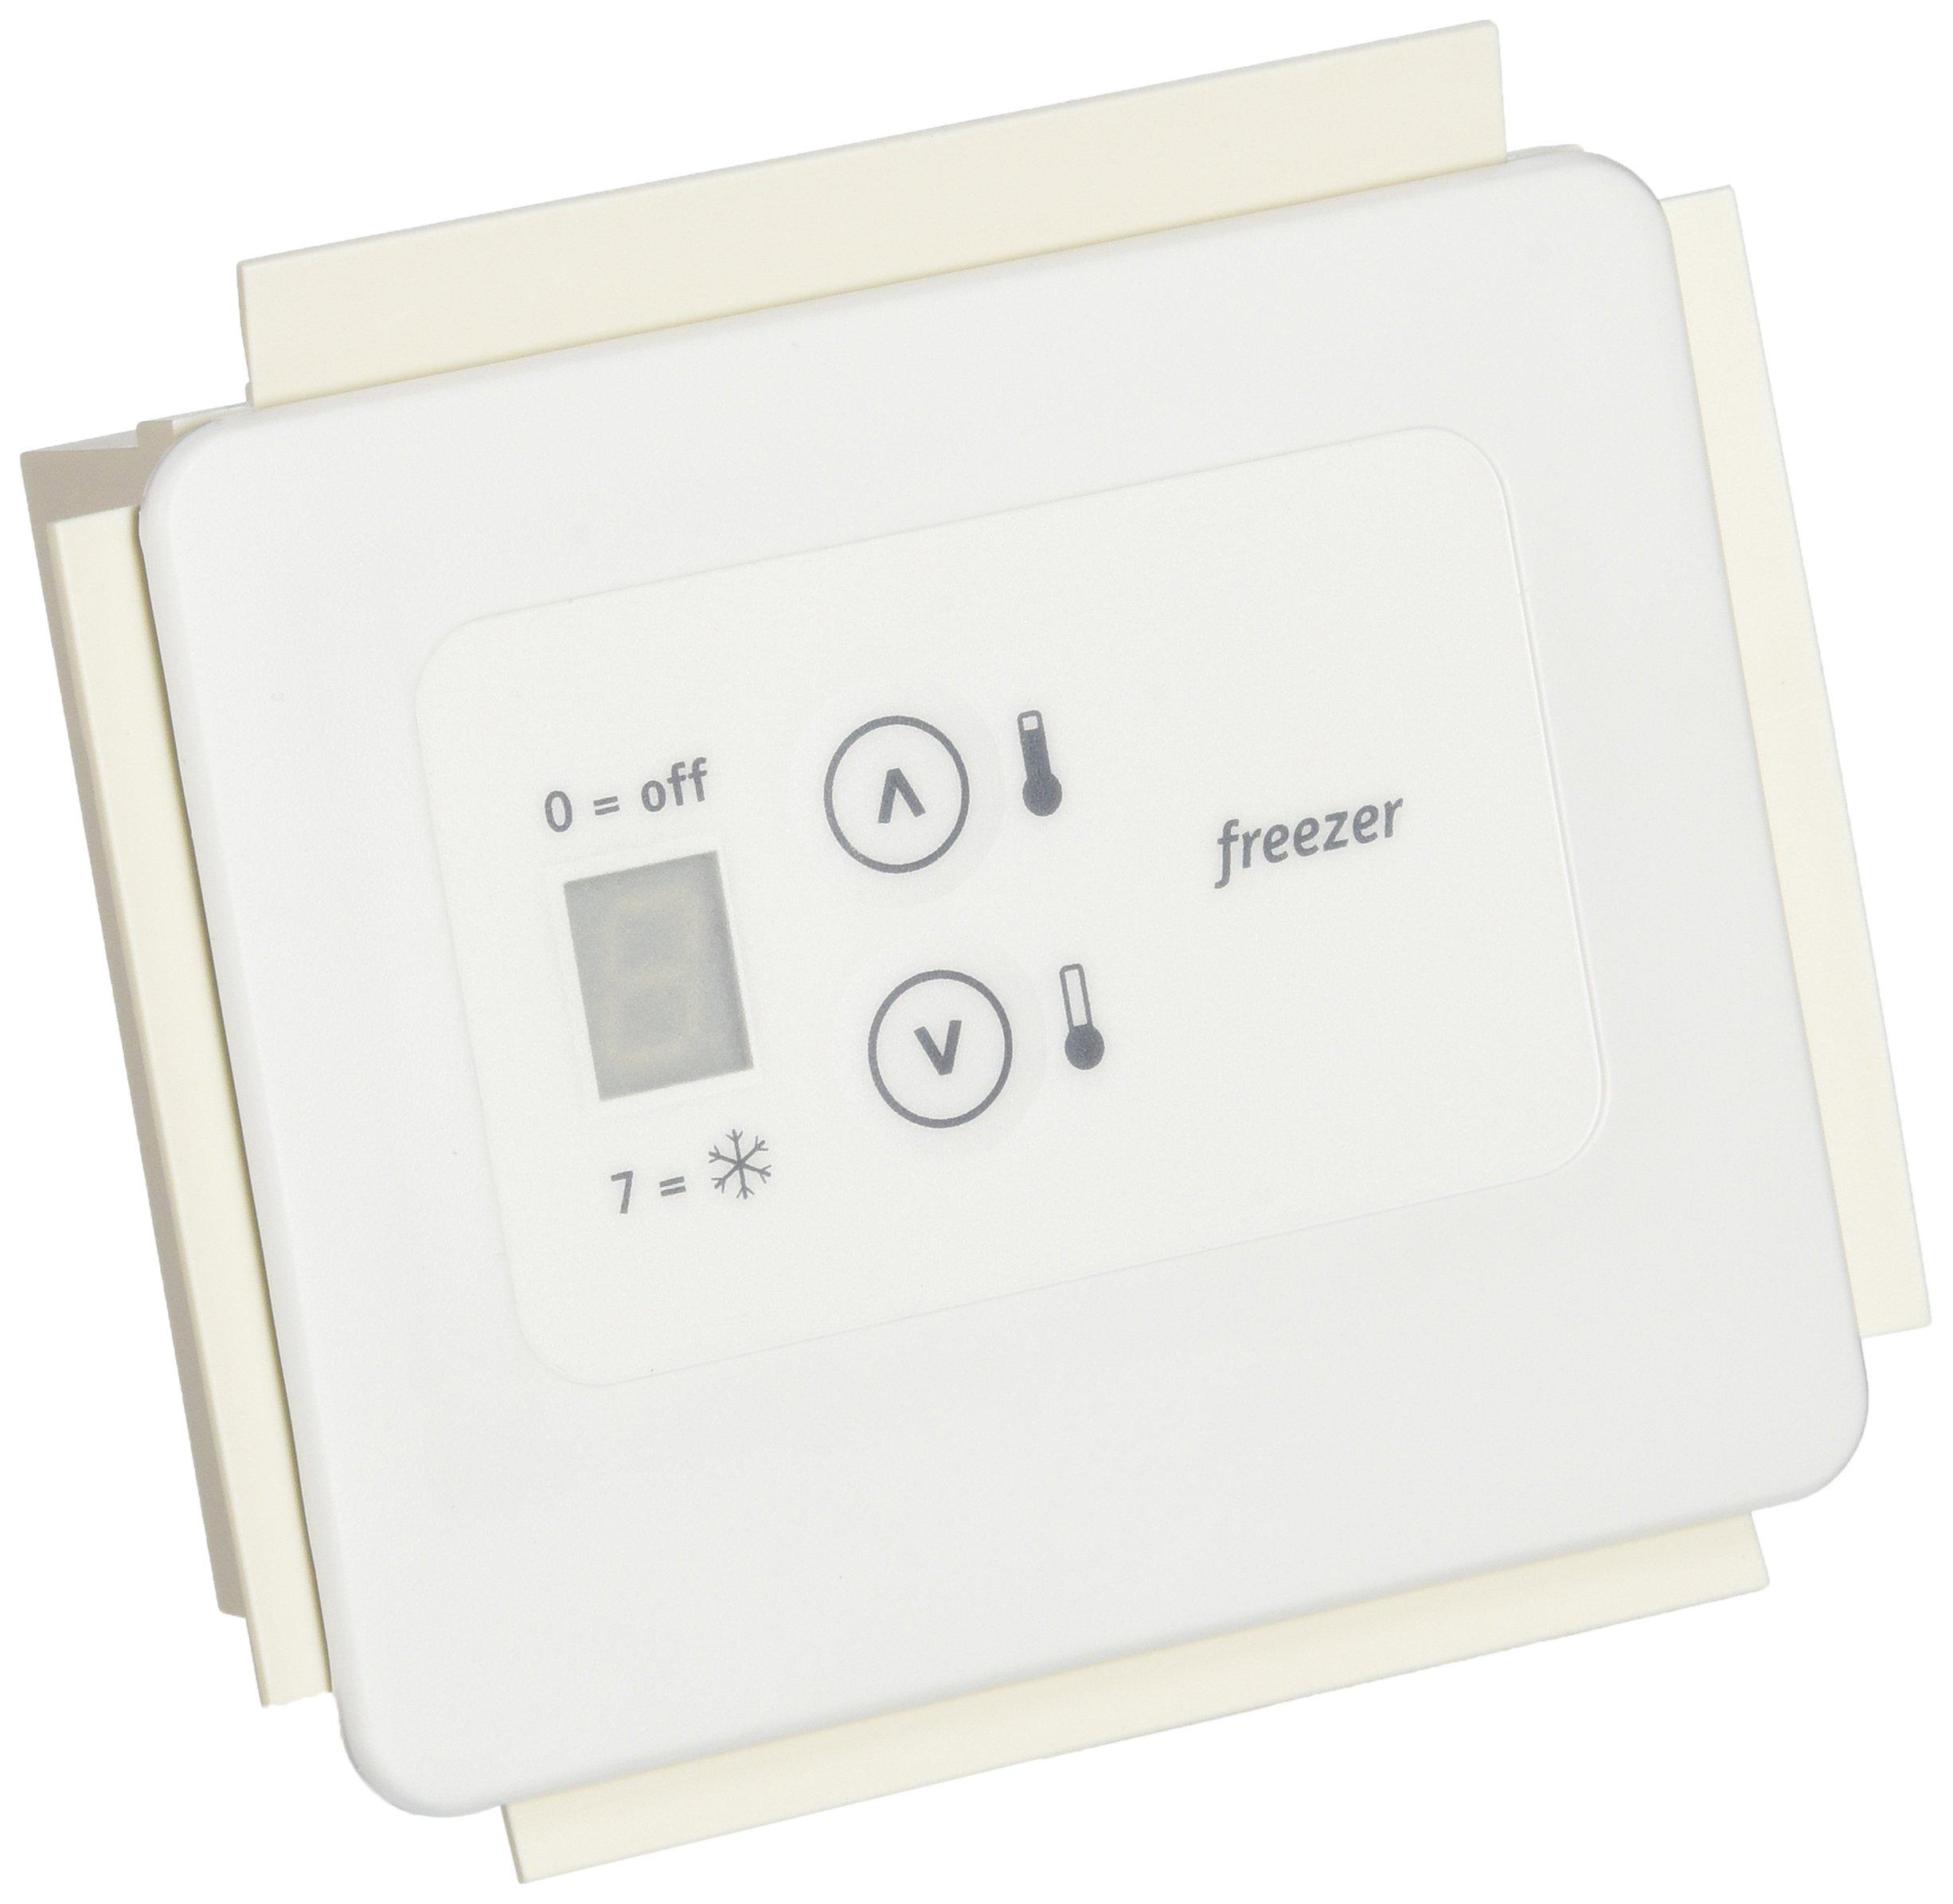 Frigidaire 297282800 Freezer Control